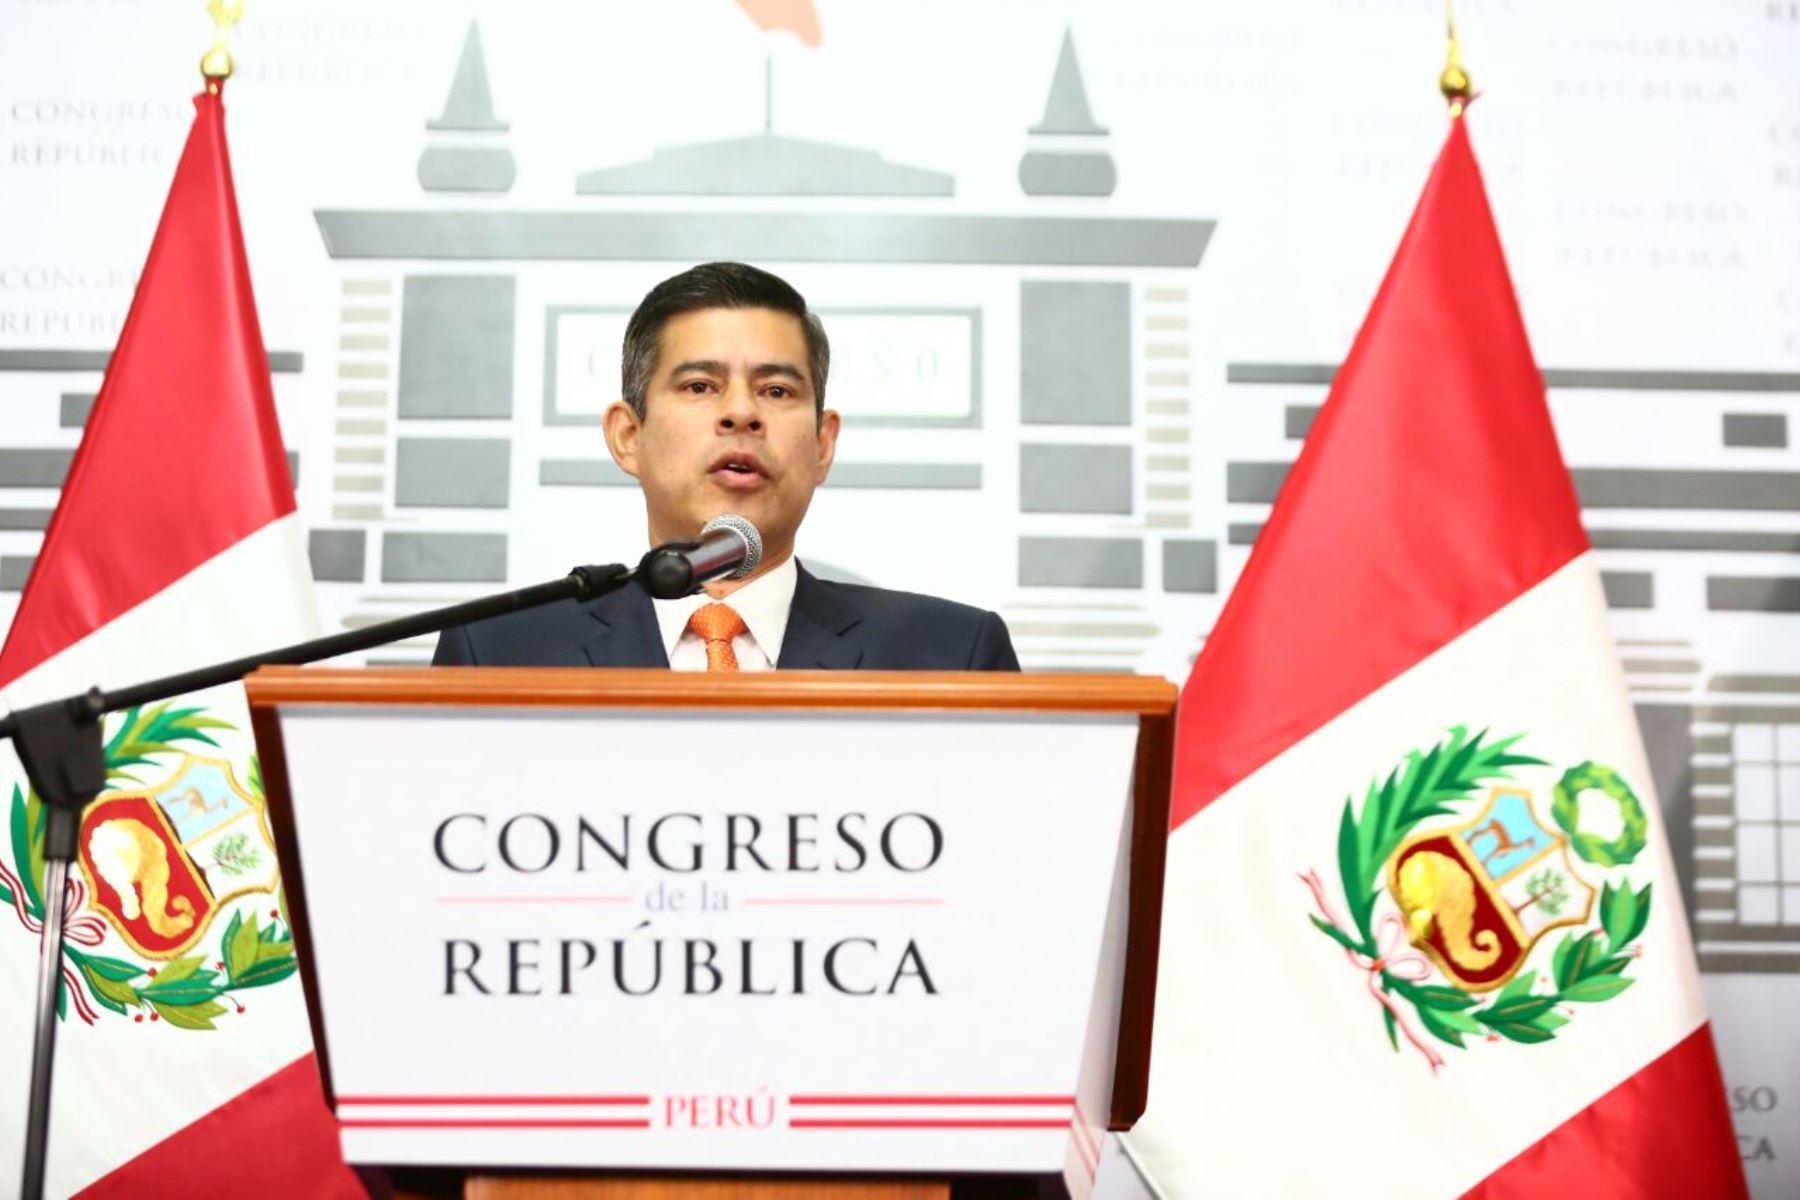 Conferencia de prensa del presidente del Congreso, Luis Galarreta. Foto: ANDINA/ Difusión.